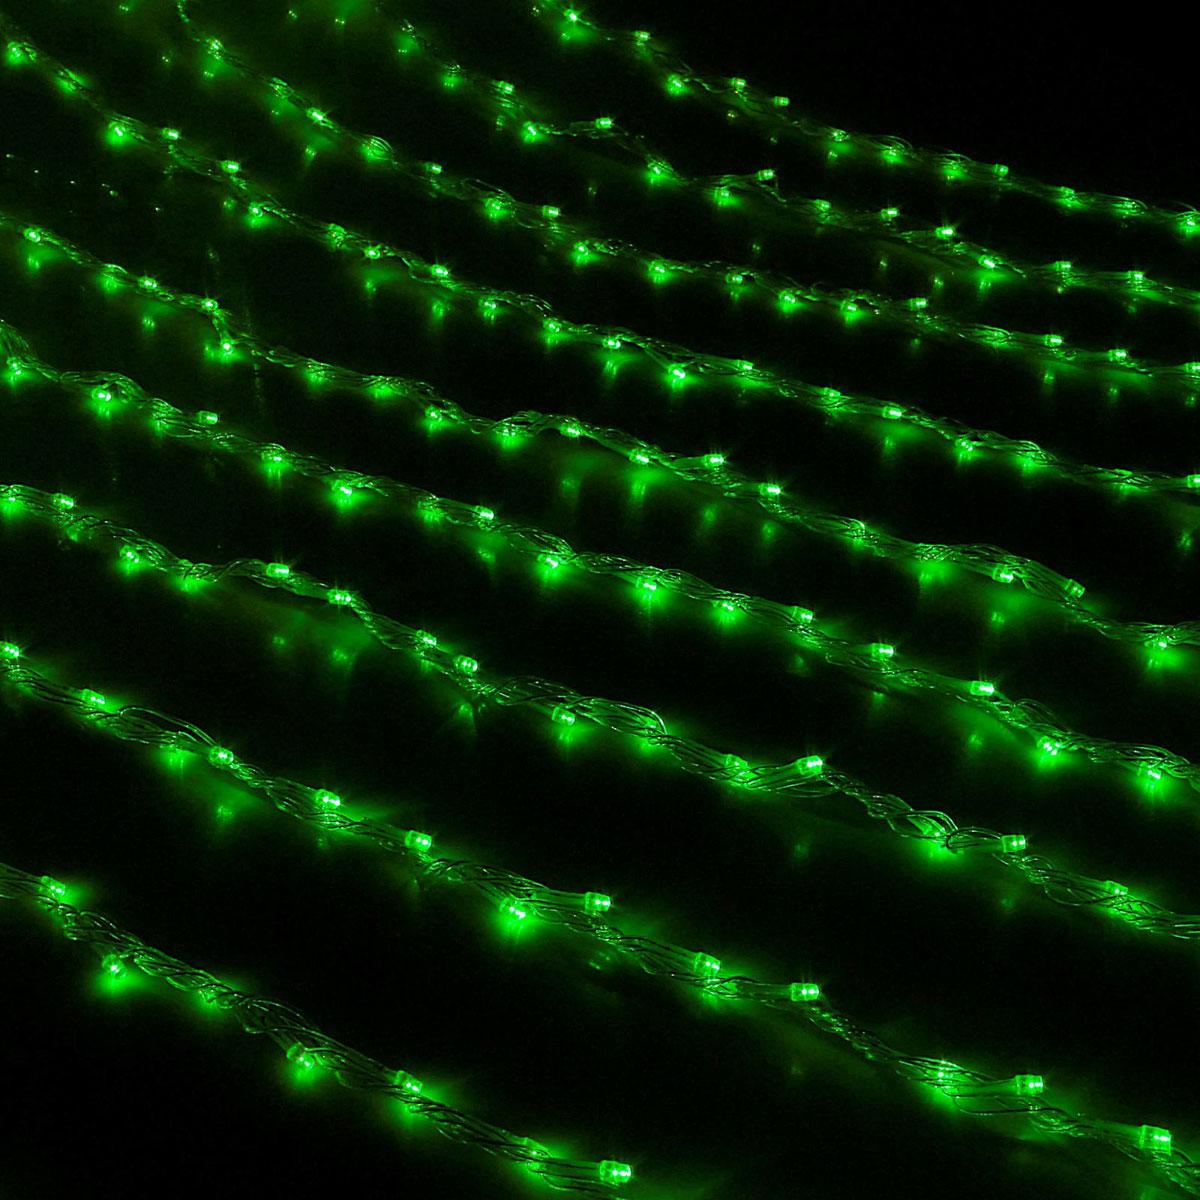 Гирлянда светодиодная Luazon Дождь, цвет: зеленый, 300 ламп, 8 режимов, 220 V, 1,5 х 1 м671636Светодиодные гирлянды и ленты — это отличный вариант для новогоднего оформления интерьера или фасада. С их помощью помещение любого размера можно превратить в праздничный зал, а внешние элементы зданий, украшенные ими, мгновенно станут напоминать очертания сказочного дворца. Такие украшения создают ауру предвкушения чуда. Деревья, фасады, витрины, окна и арки будто специально созданы, чтобы вы украсили их светящимися нитями.